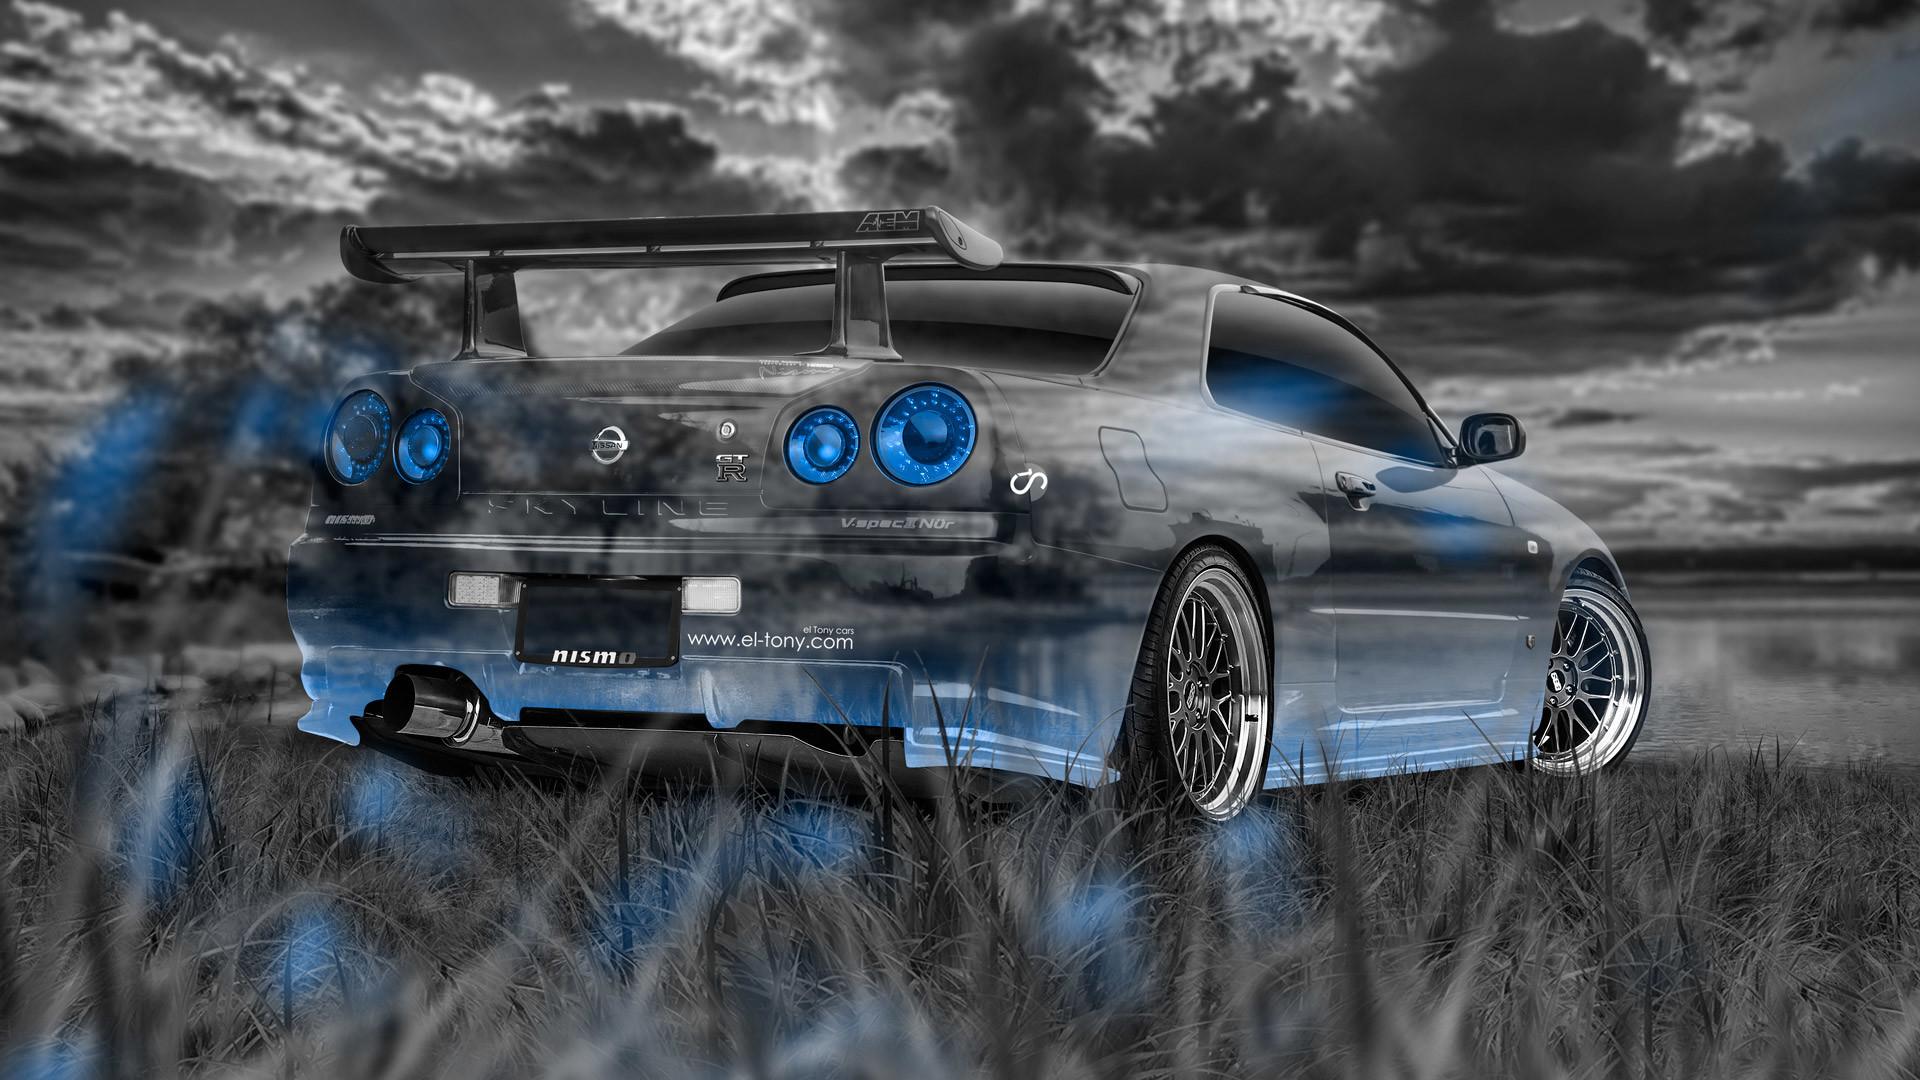 Nissan Skyline Gtr R34 Wallpaper 75 Images